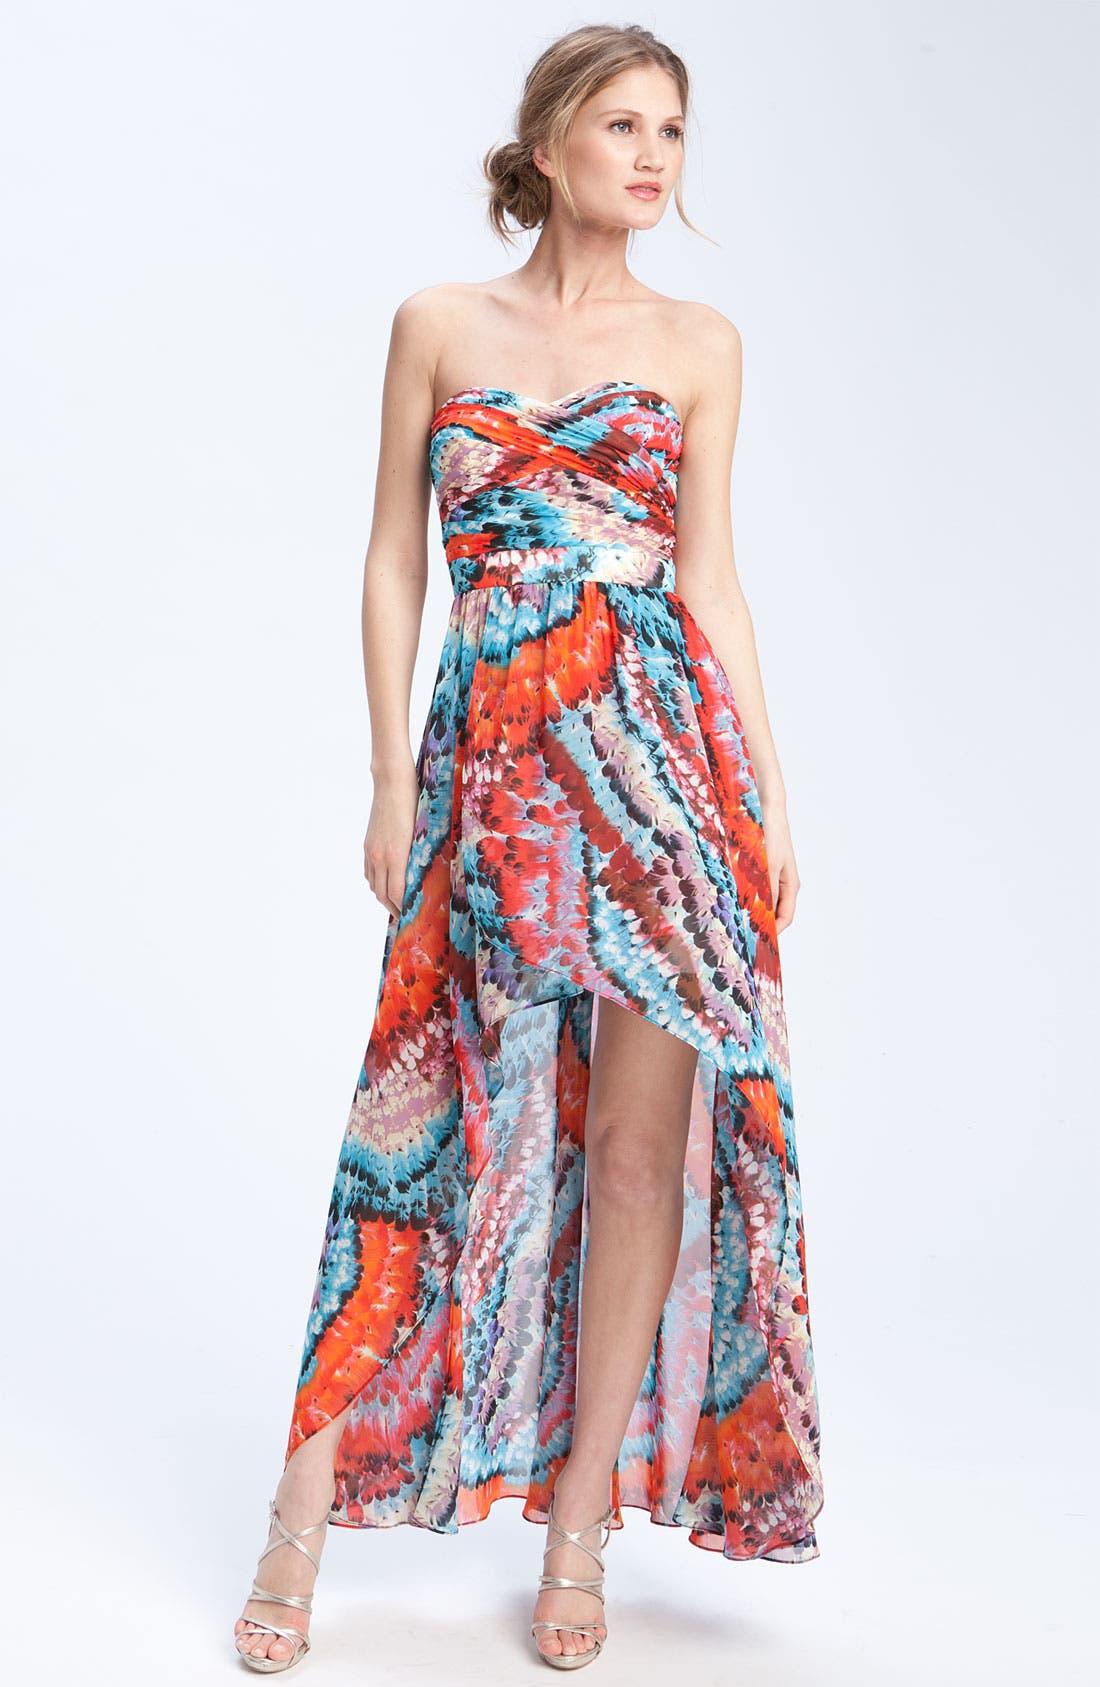 Alternate Image 1 Selected - Aidan Mattox Strapless Chiffon dress